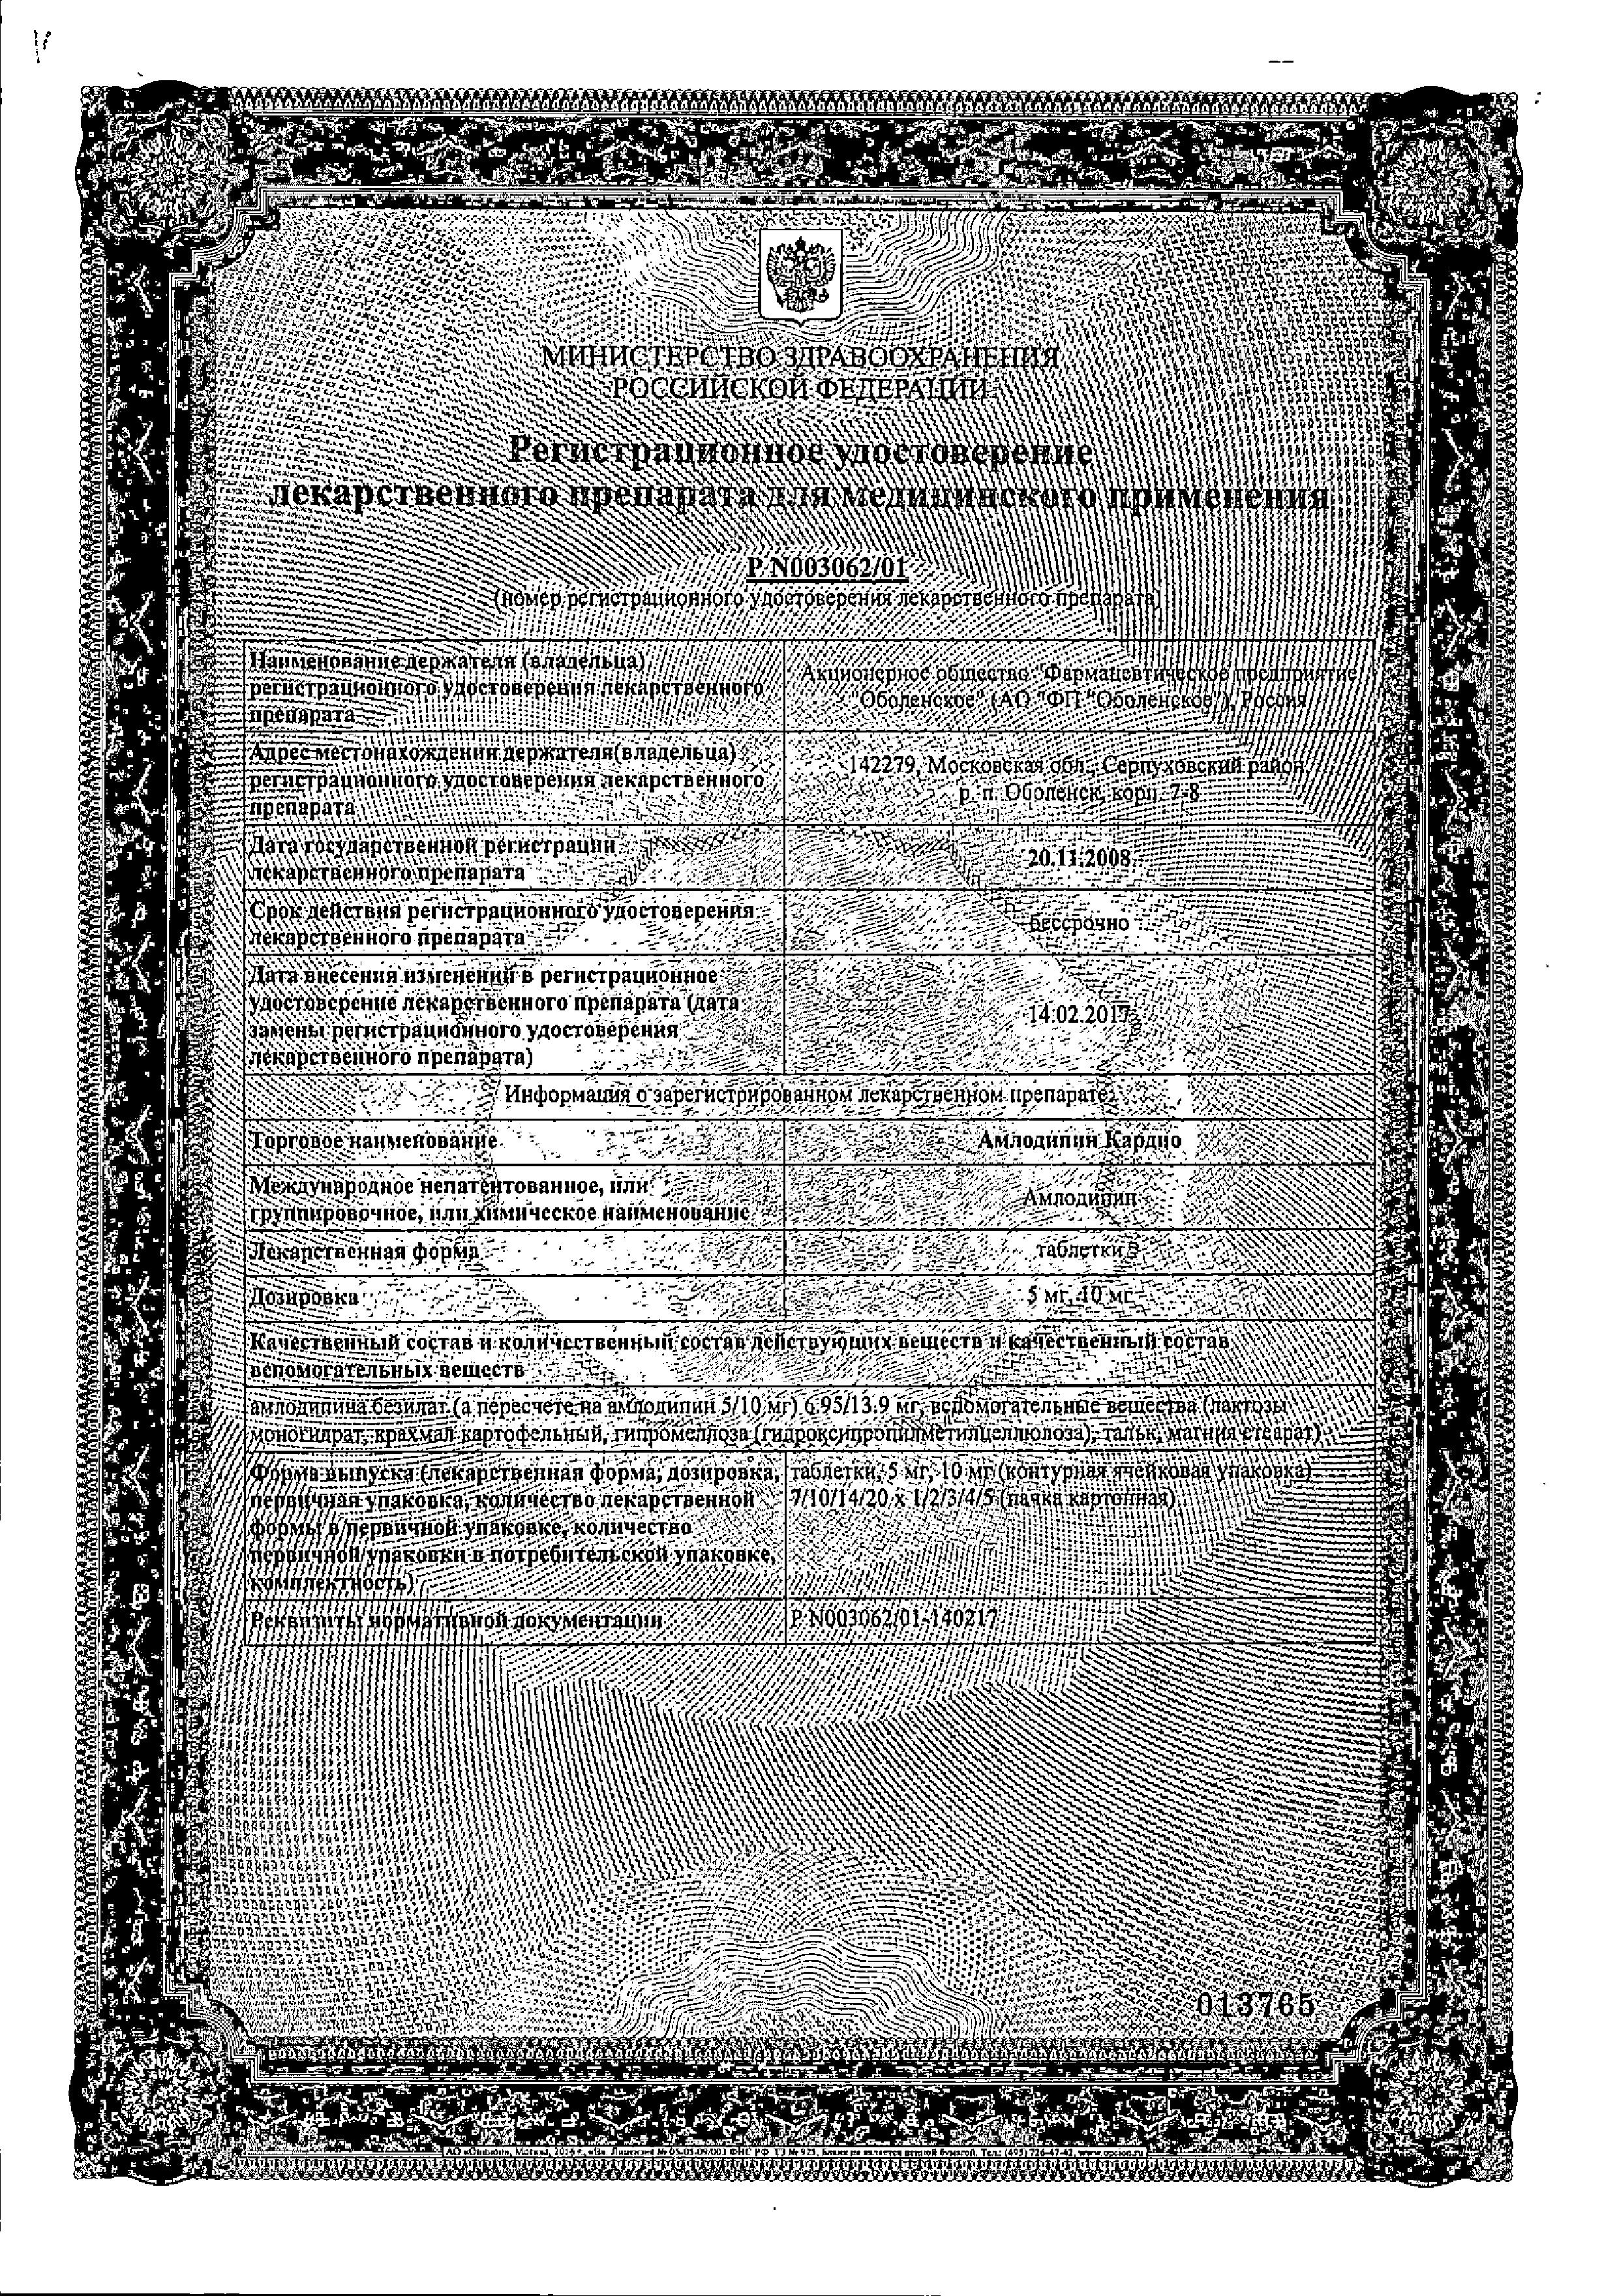 Амлодипин Кардио сертификат